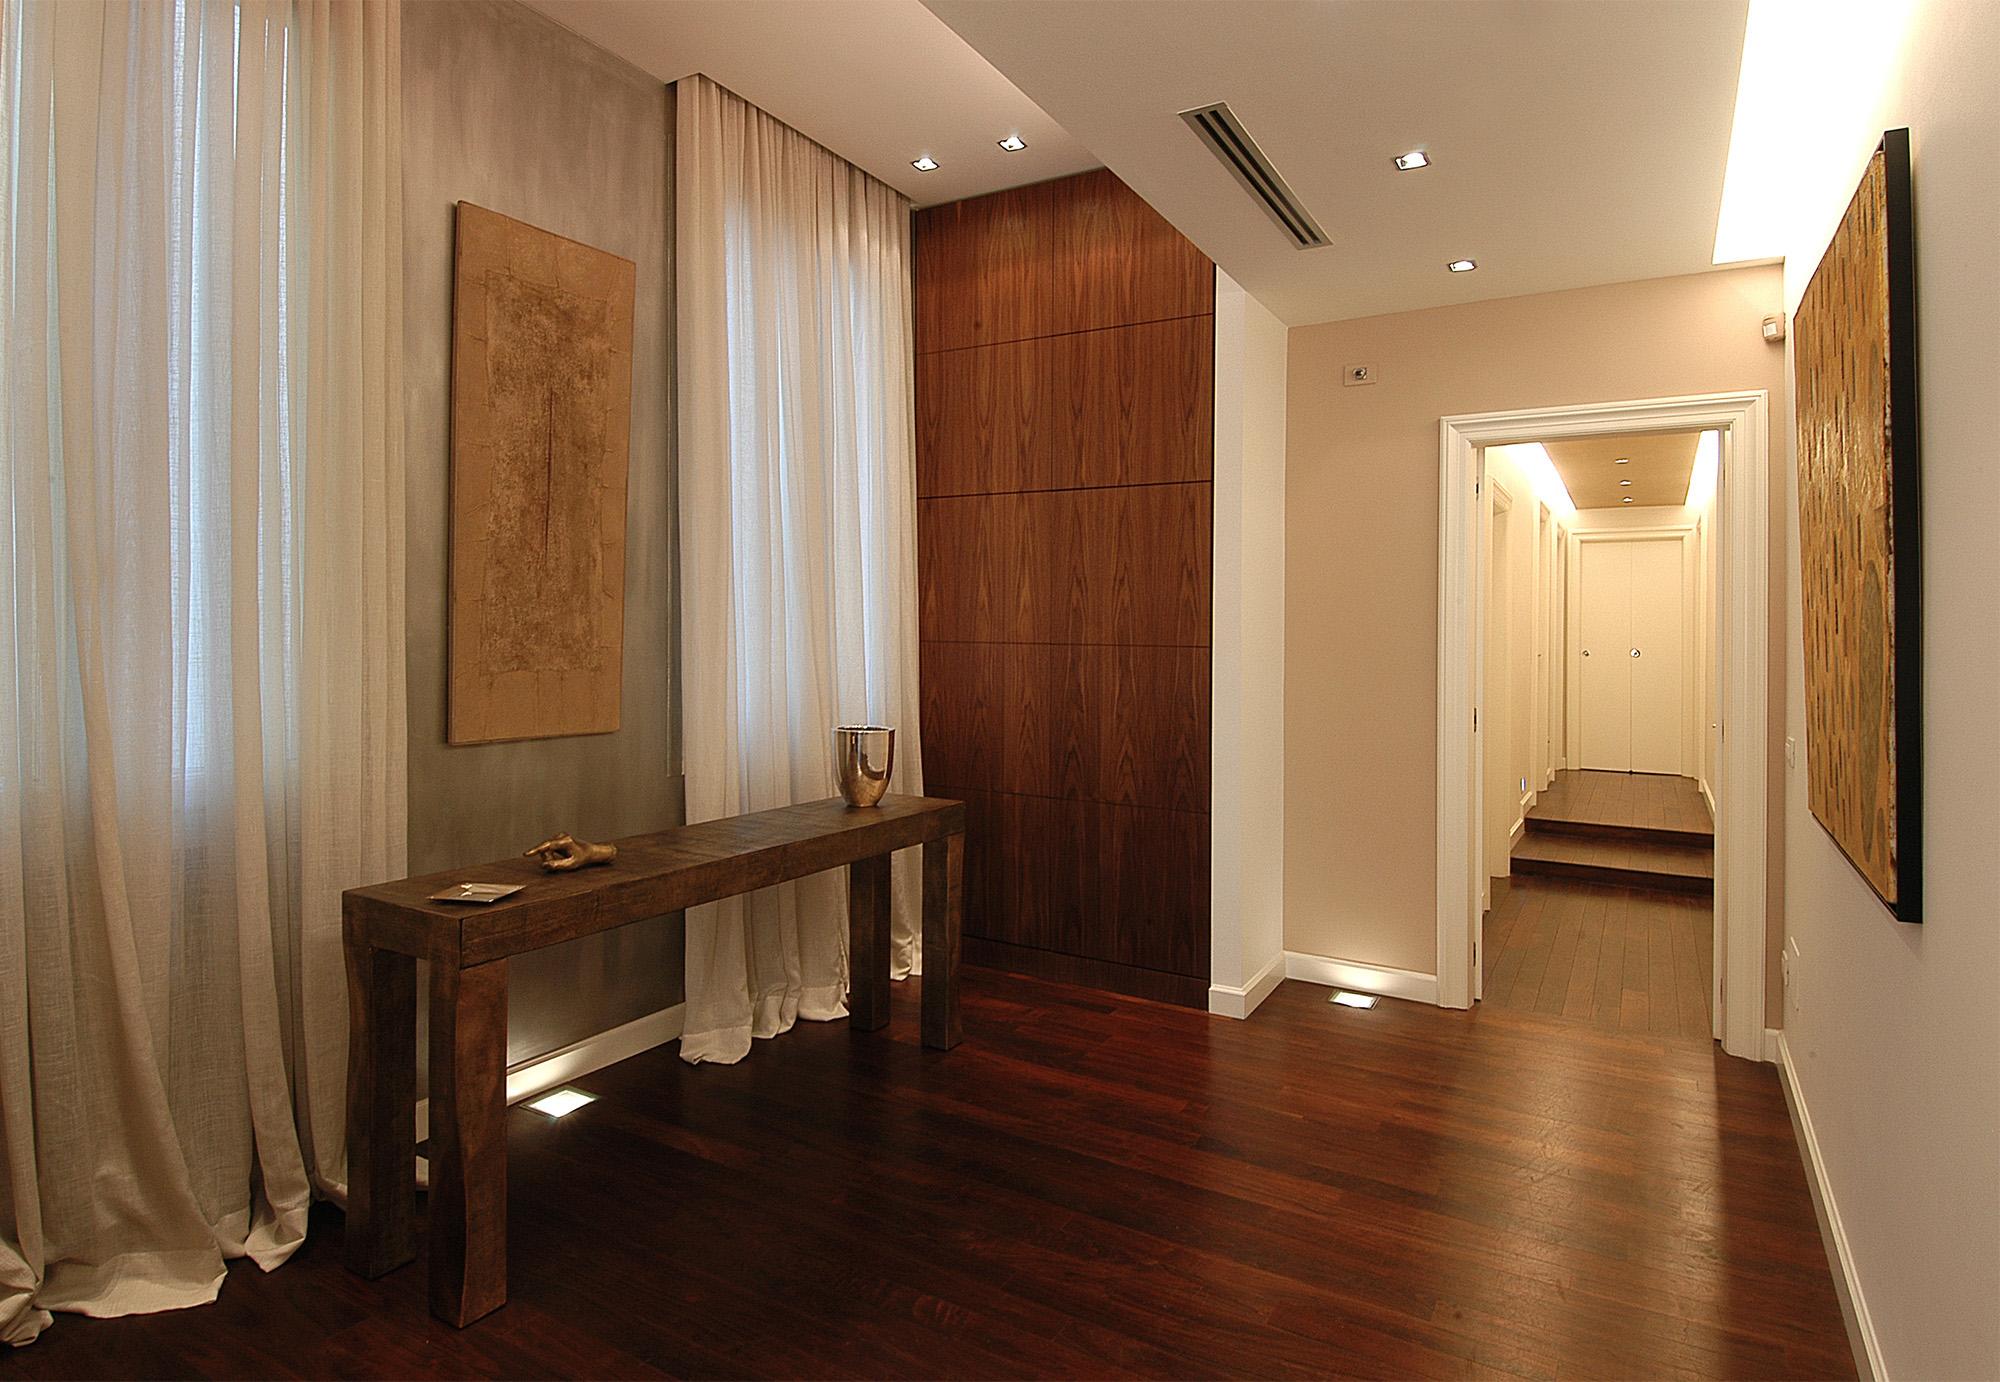 Appartamento milano bbarch for Design interni appartamenti